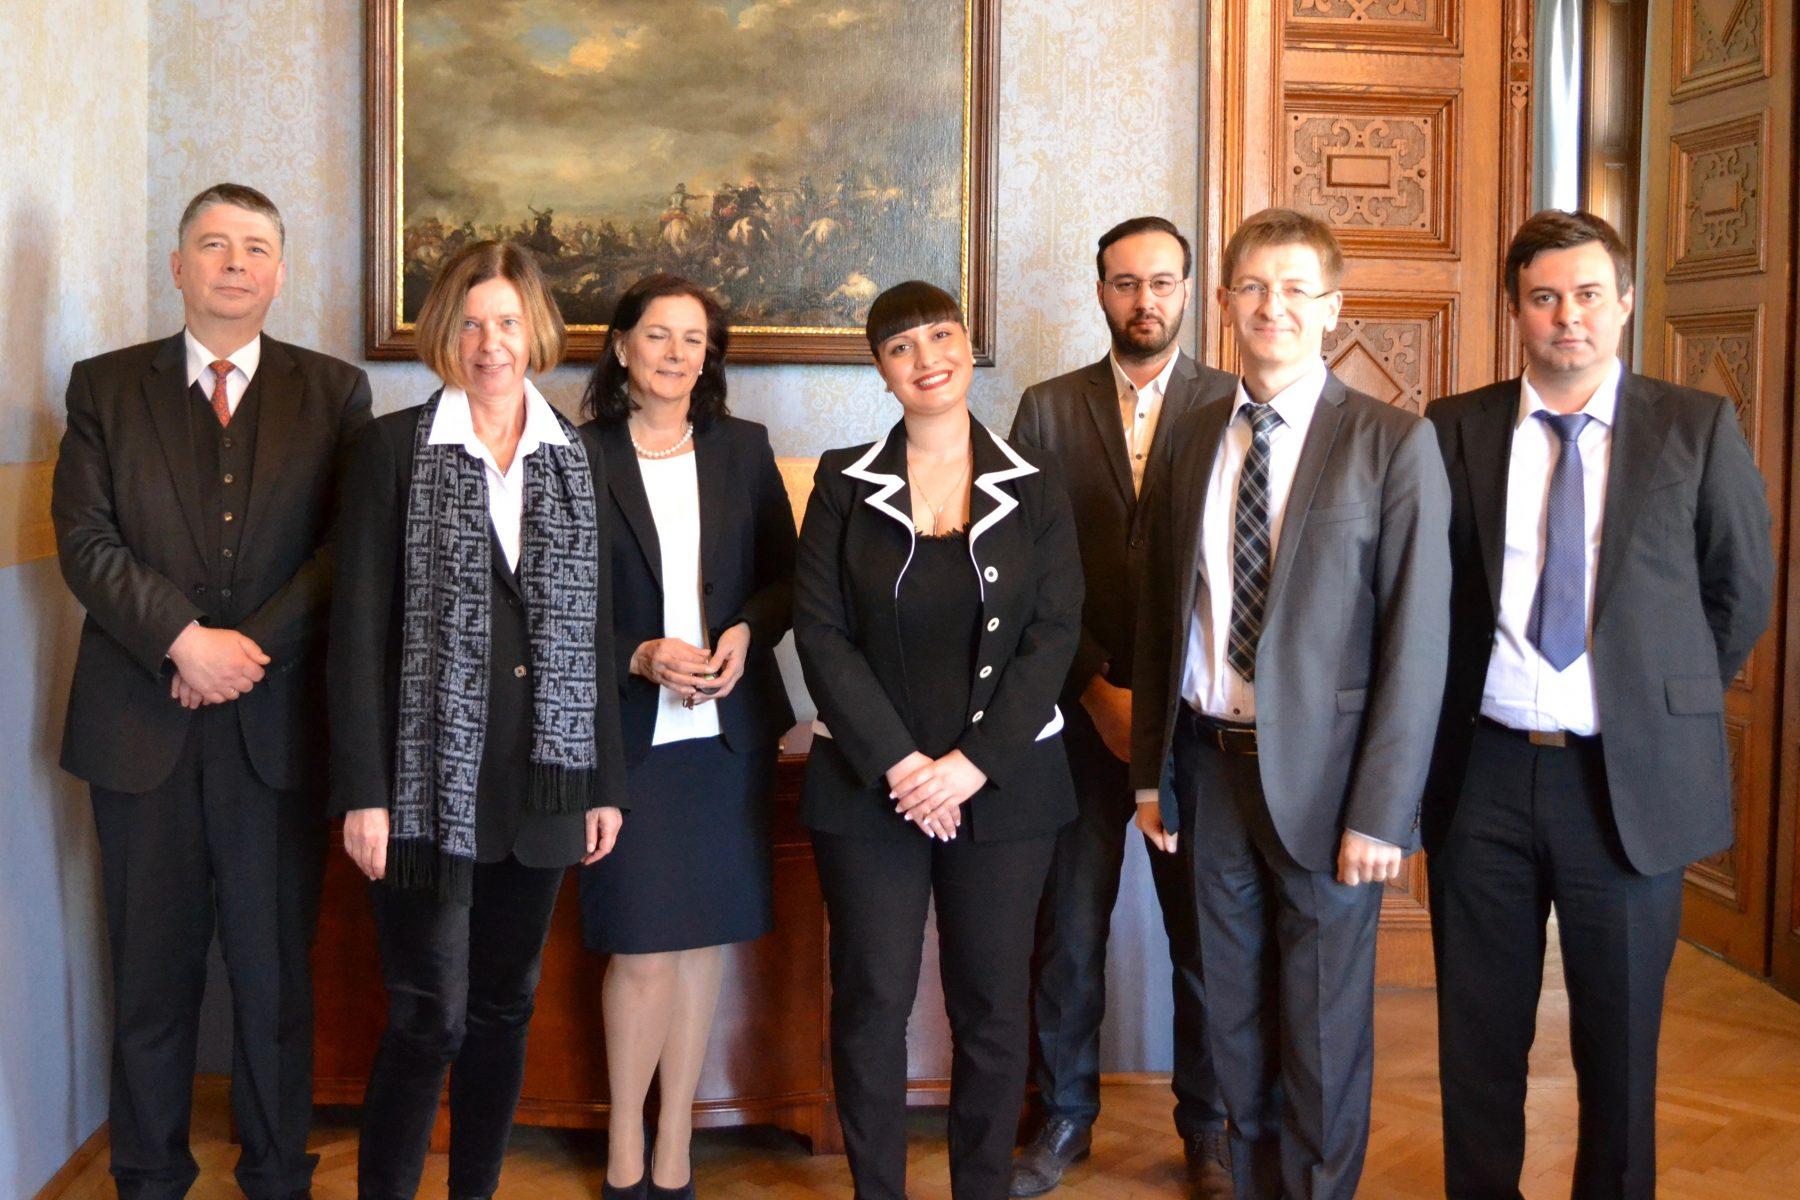 Gruppenfoto mit der georgischen Justizdelegation